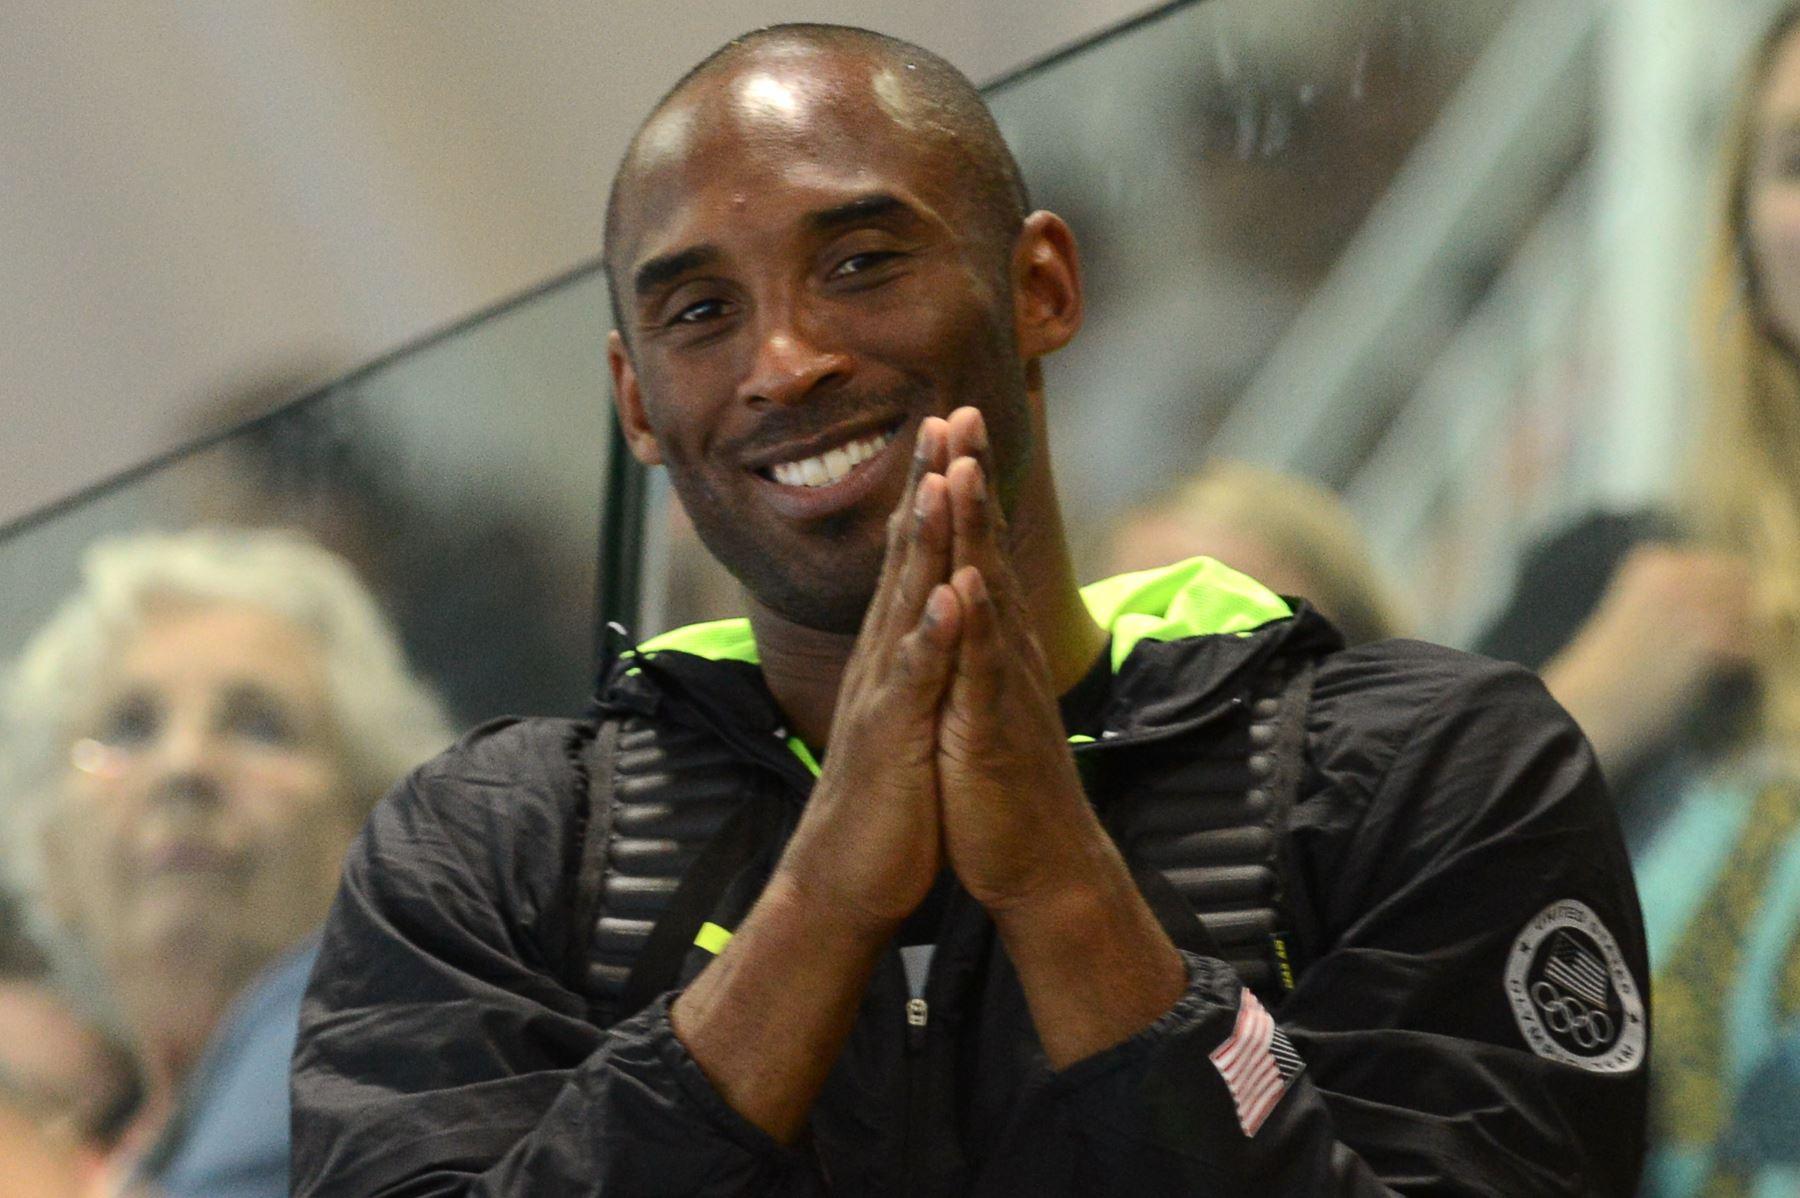 En esta foto de archivo tomada el 4 de agosto de 2012, el jugador de baloncesto estadounidense Kobe Bryant reacciona mientras observa la final de relevos combinados 4x100m masculinos durante el evento de natación en los Juegos Olímpicos de Londres 2012 en Londres.Foto:AFP